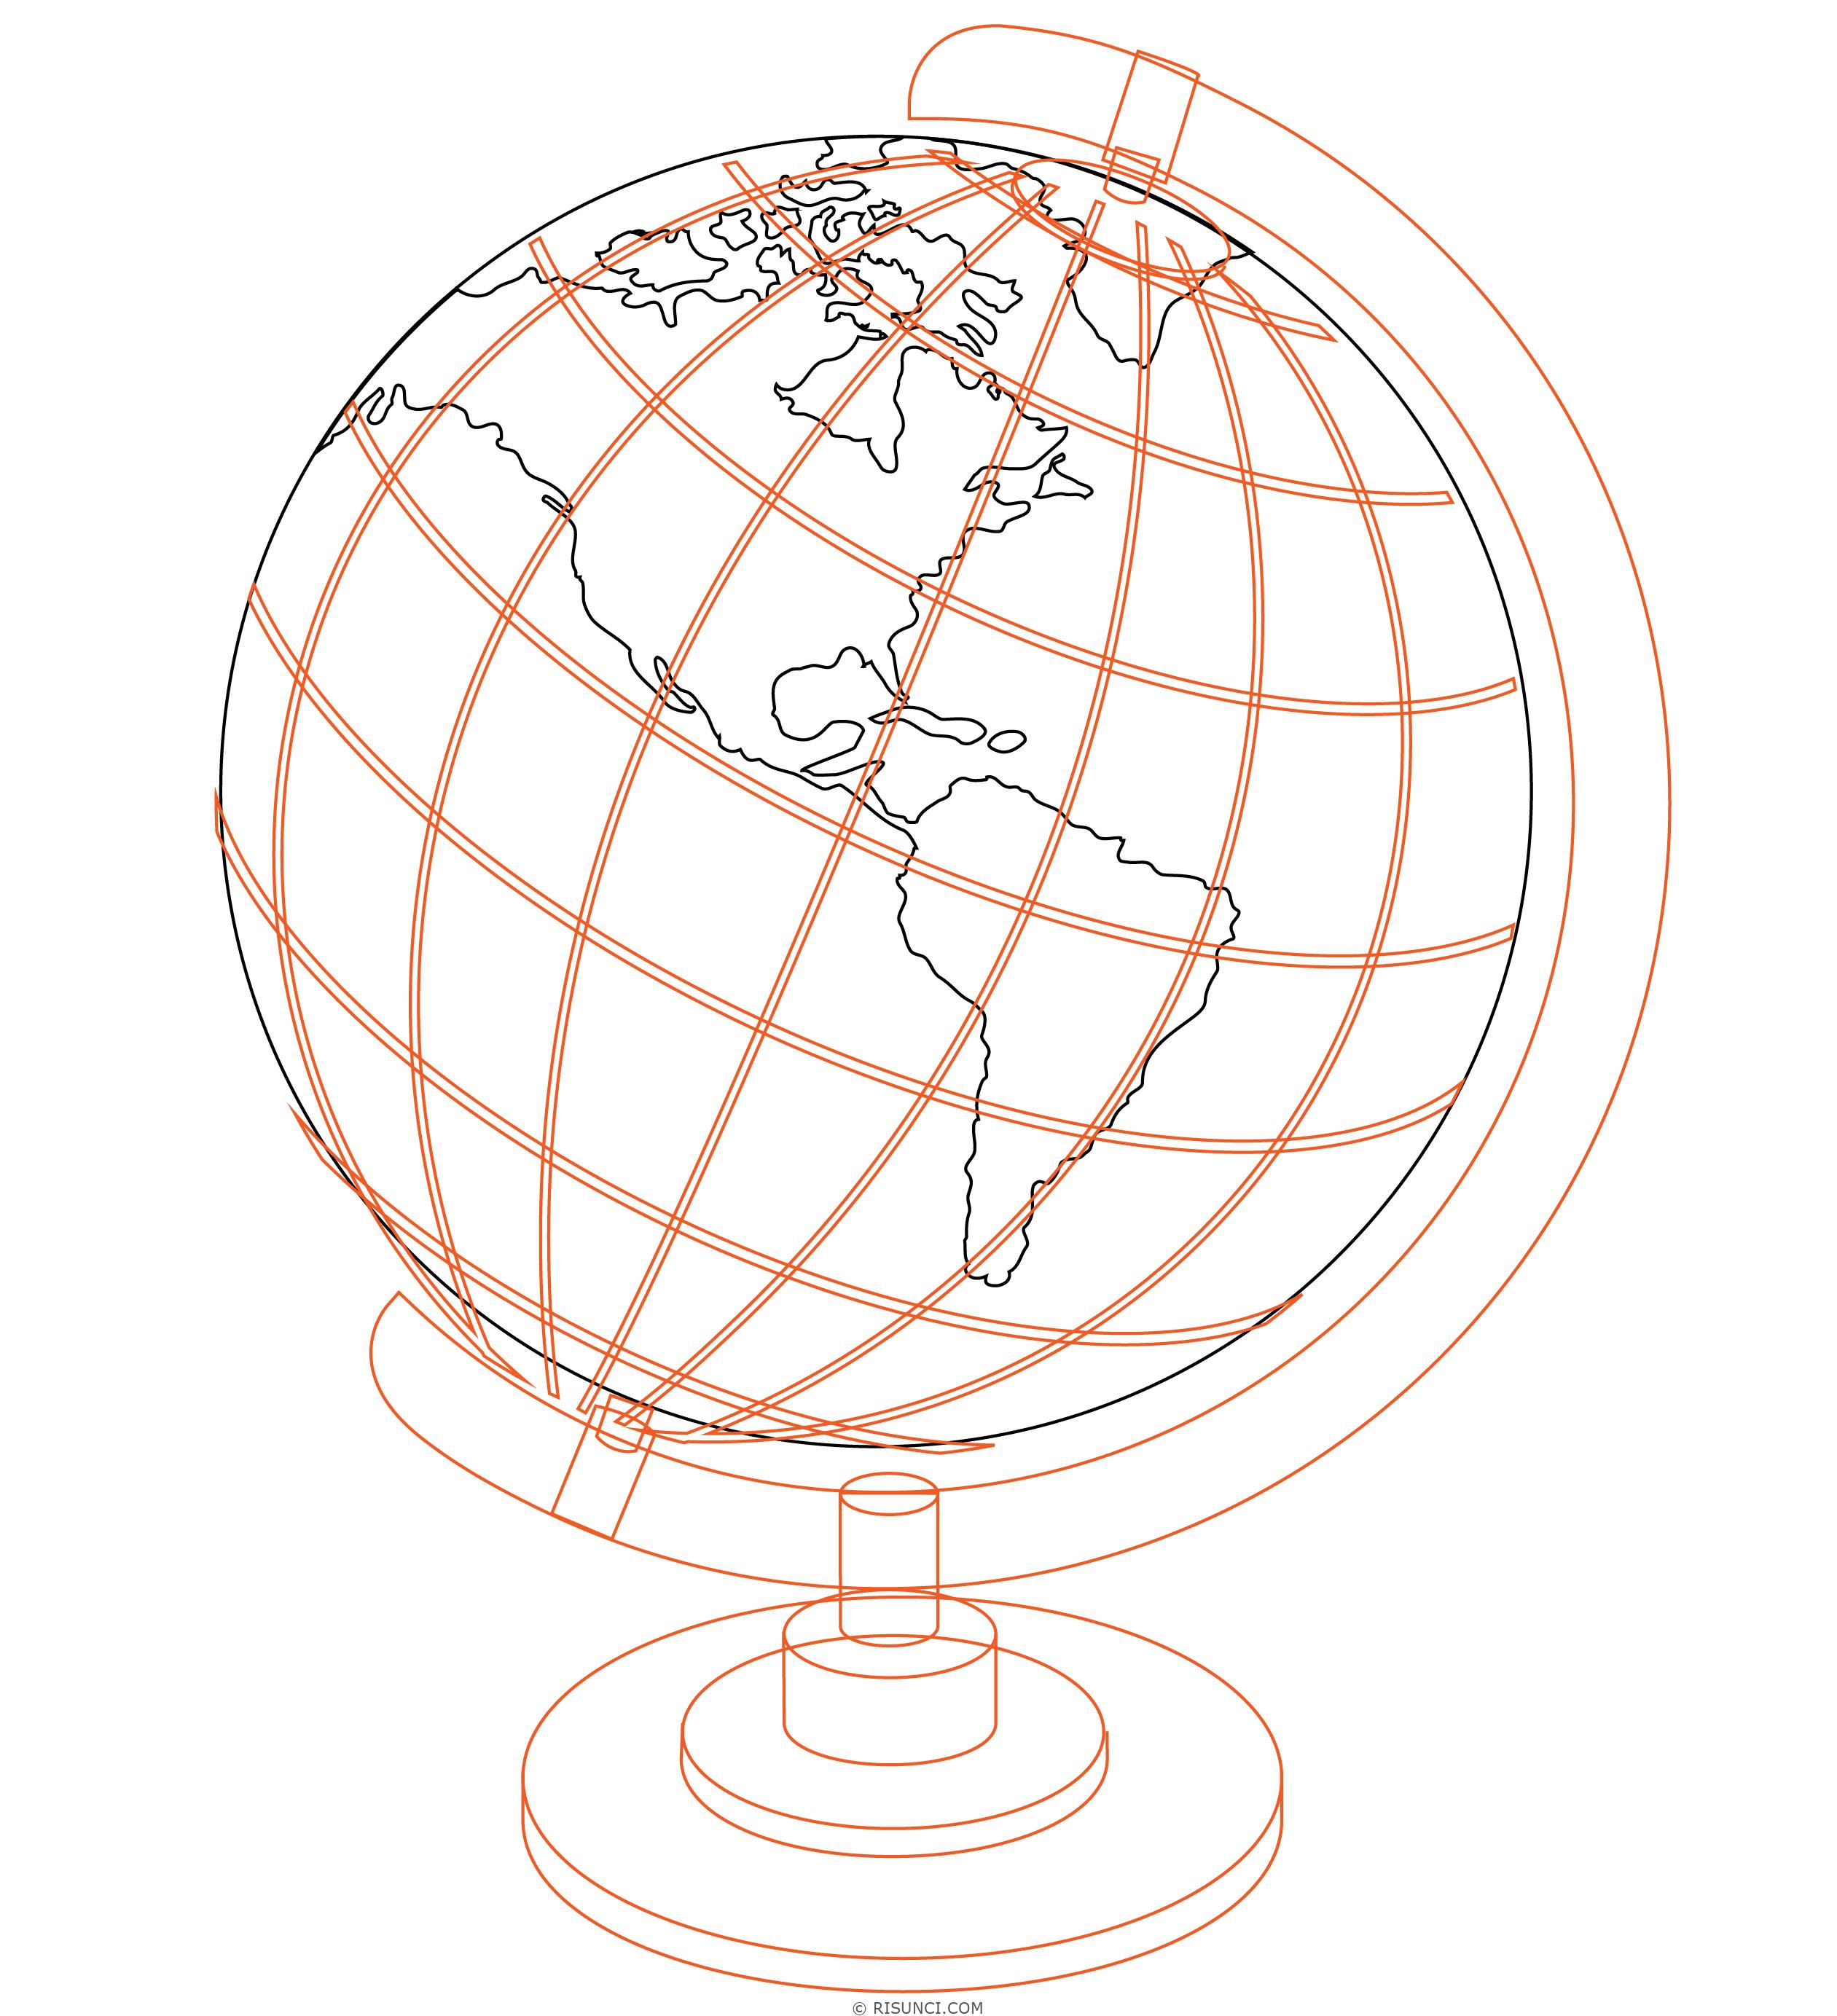 картинка глобуса рисовать функционирования лучевой разводки